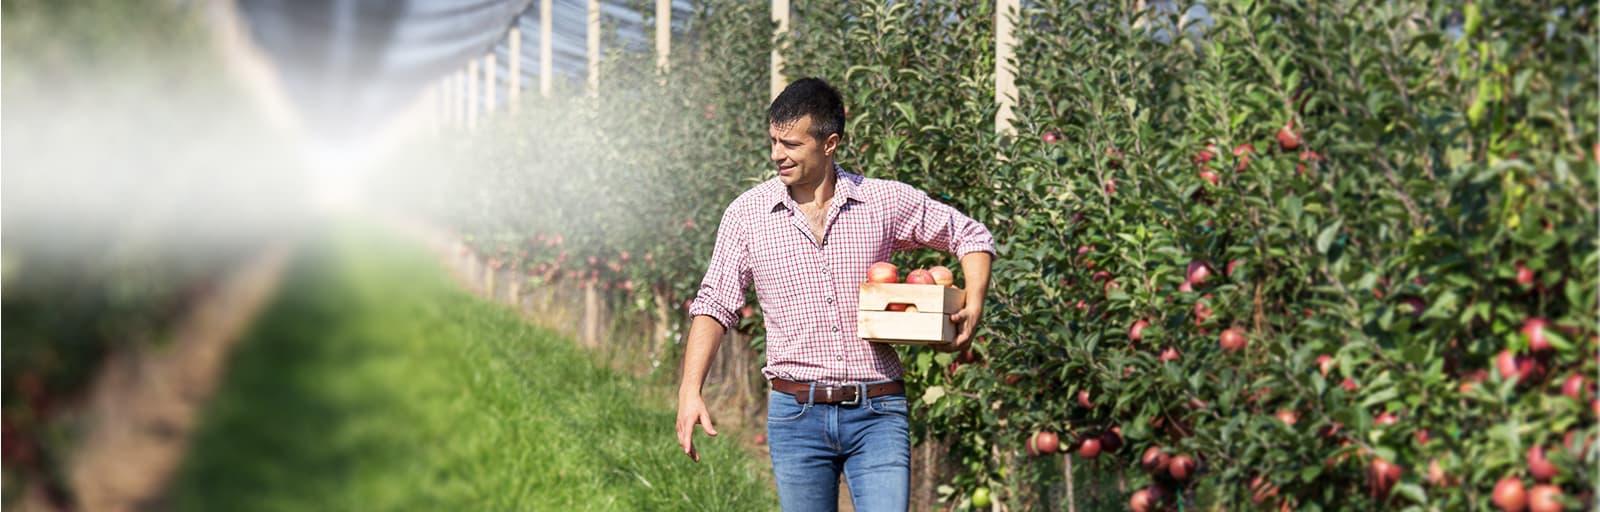 ISAGRI logiciel Geofolia pour faciliter la gestion des arboriculteurs